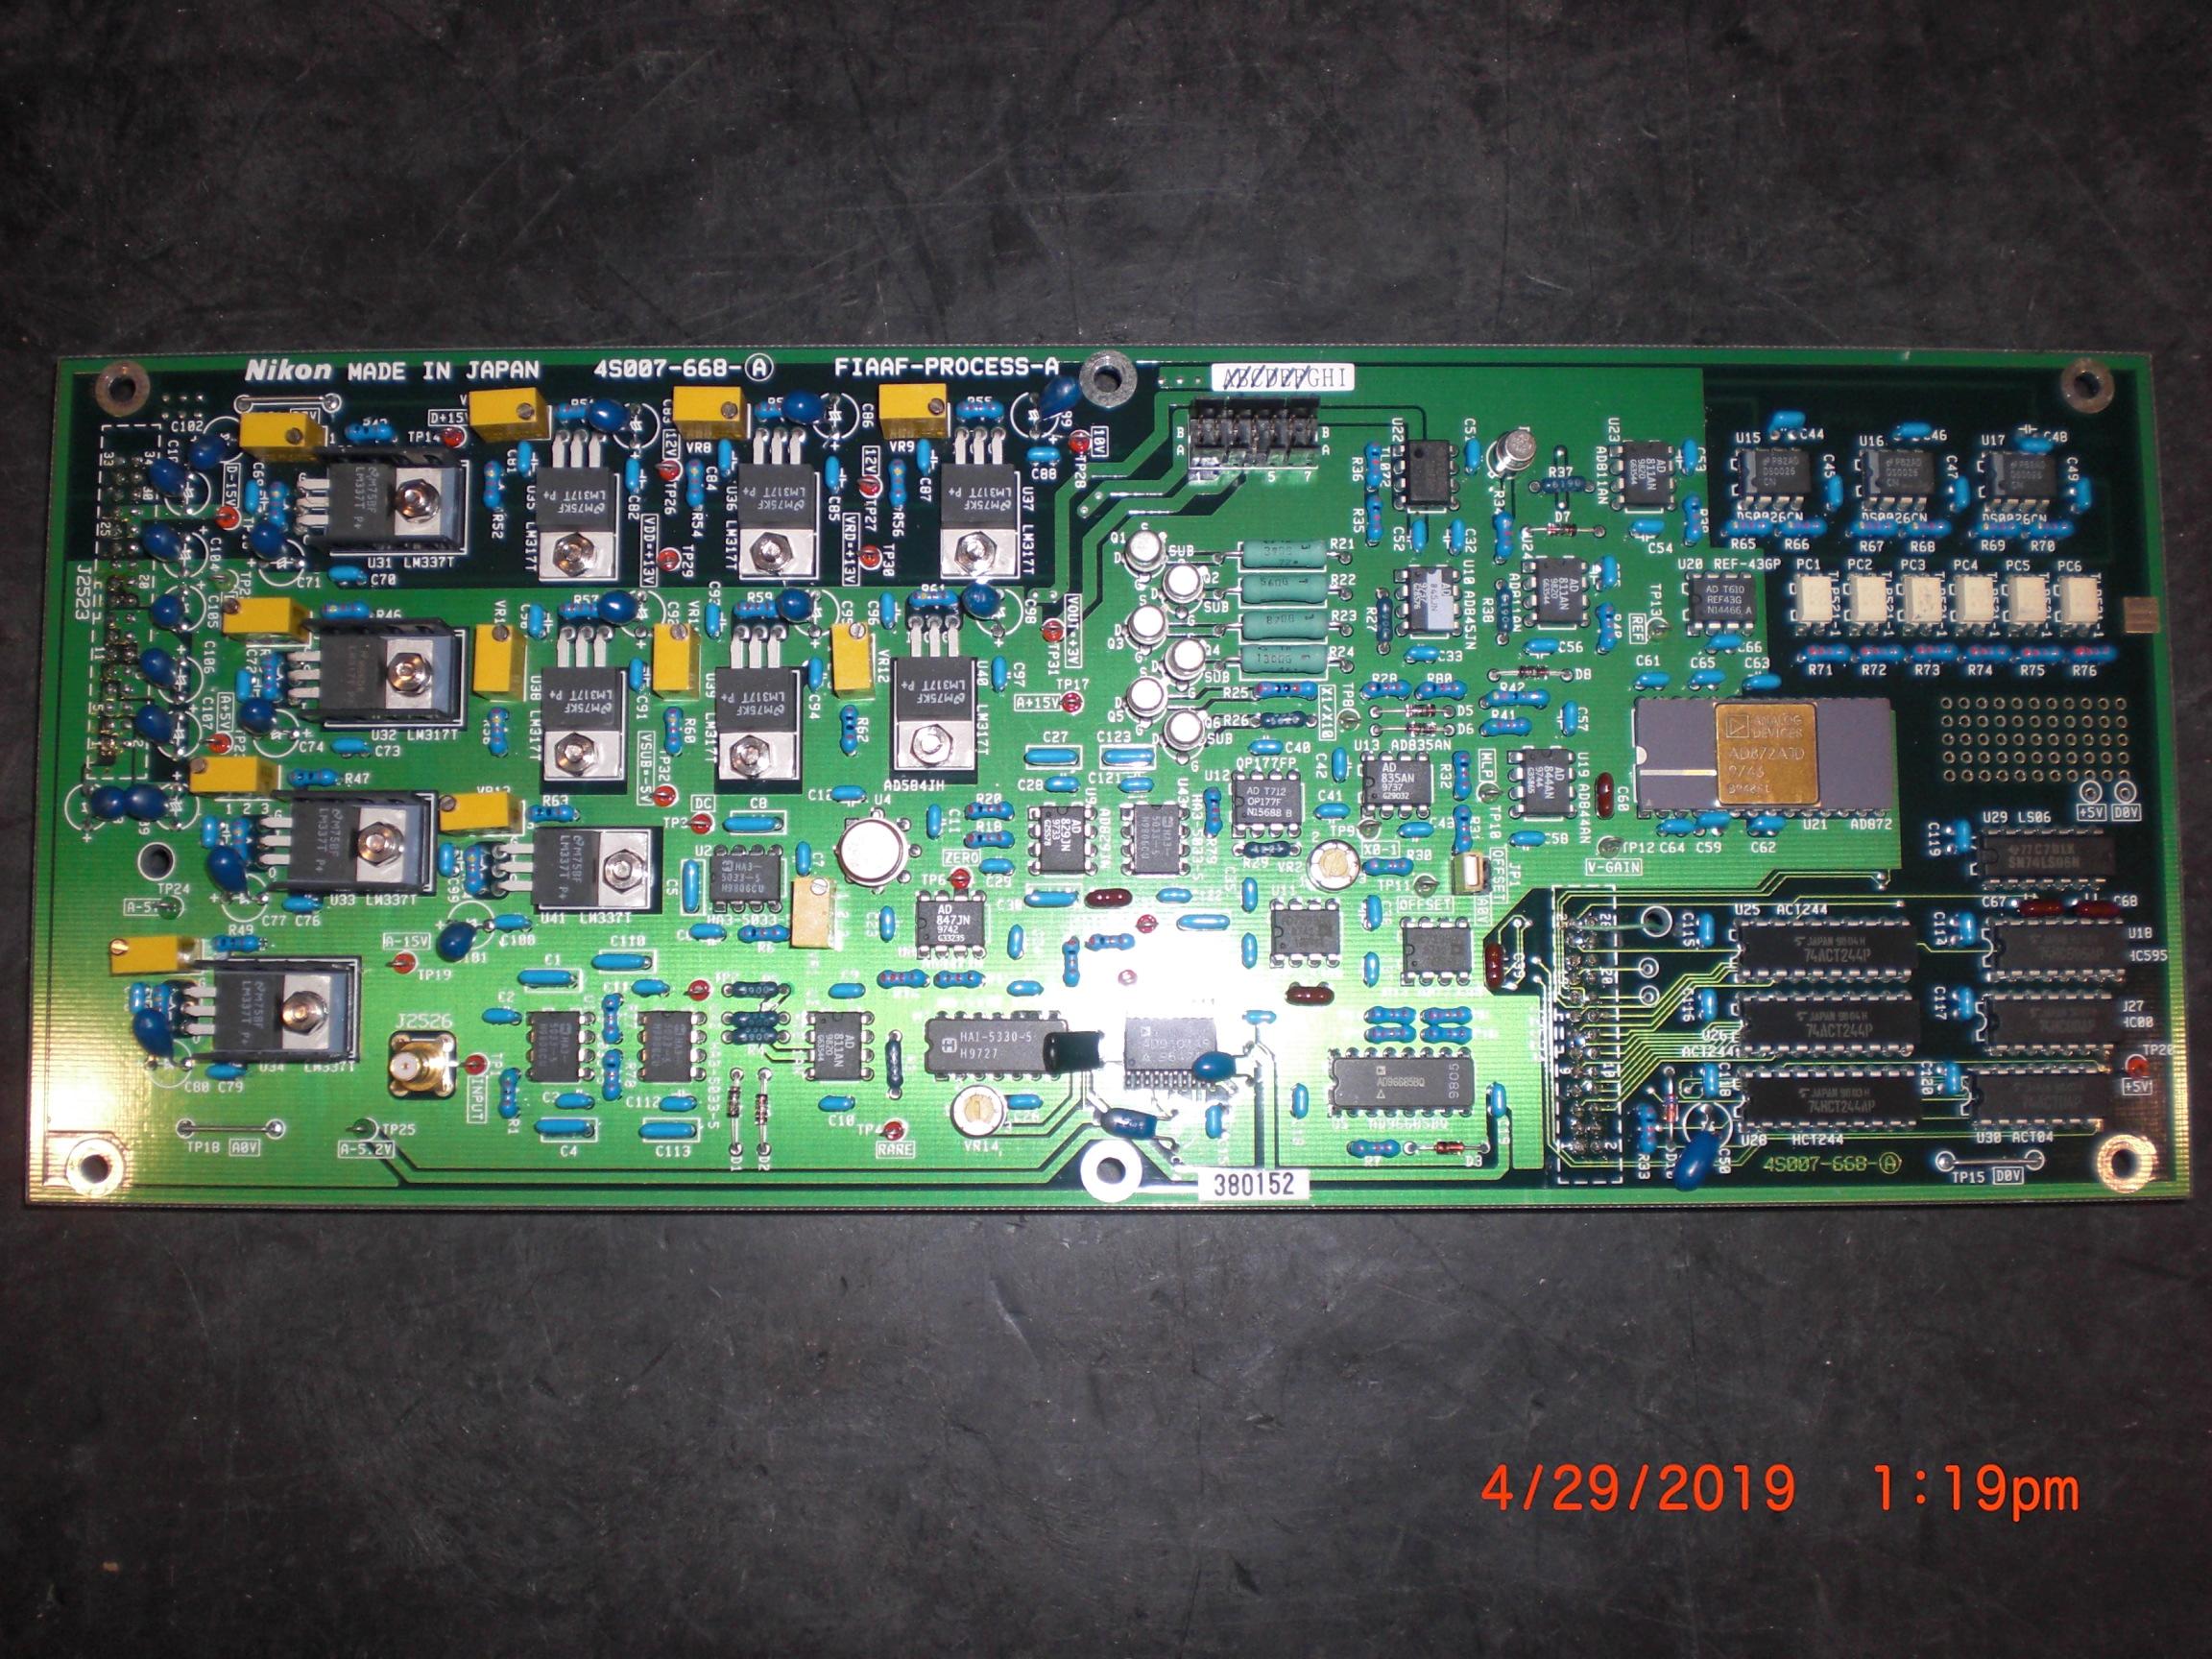 PCB NIKON 4S007-668-A FIAAF-PROCESS-A